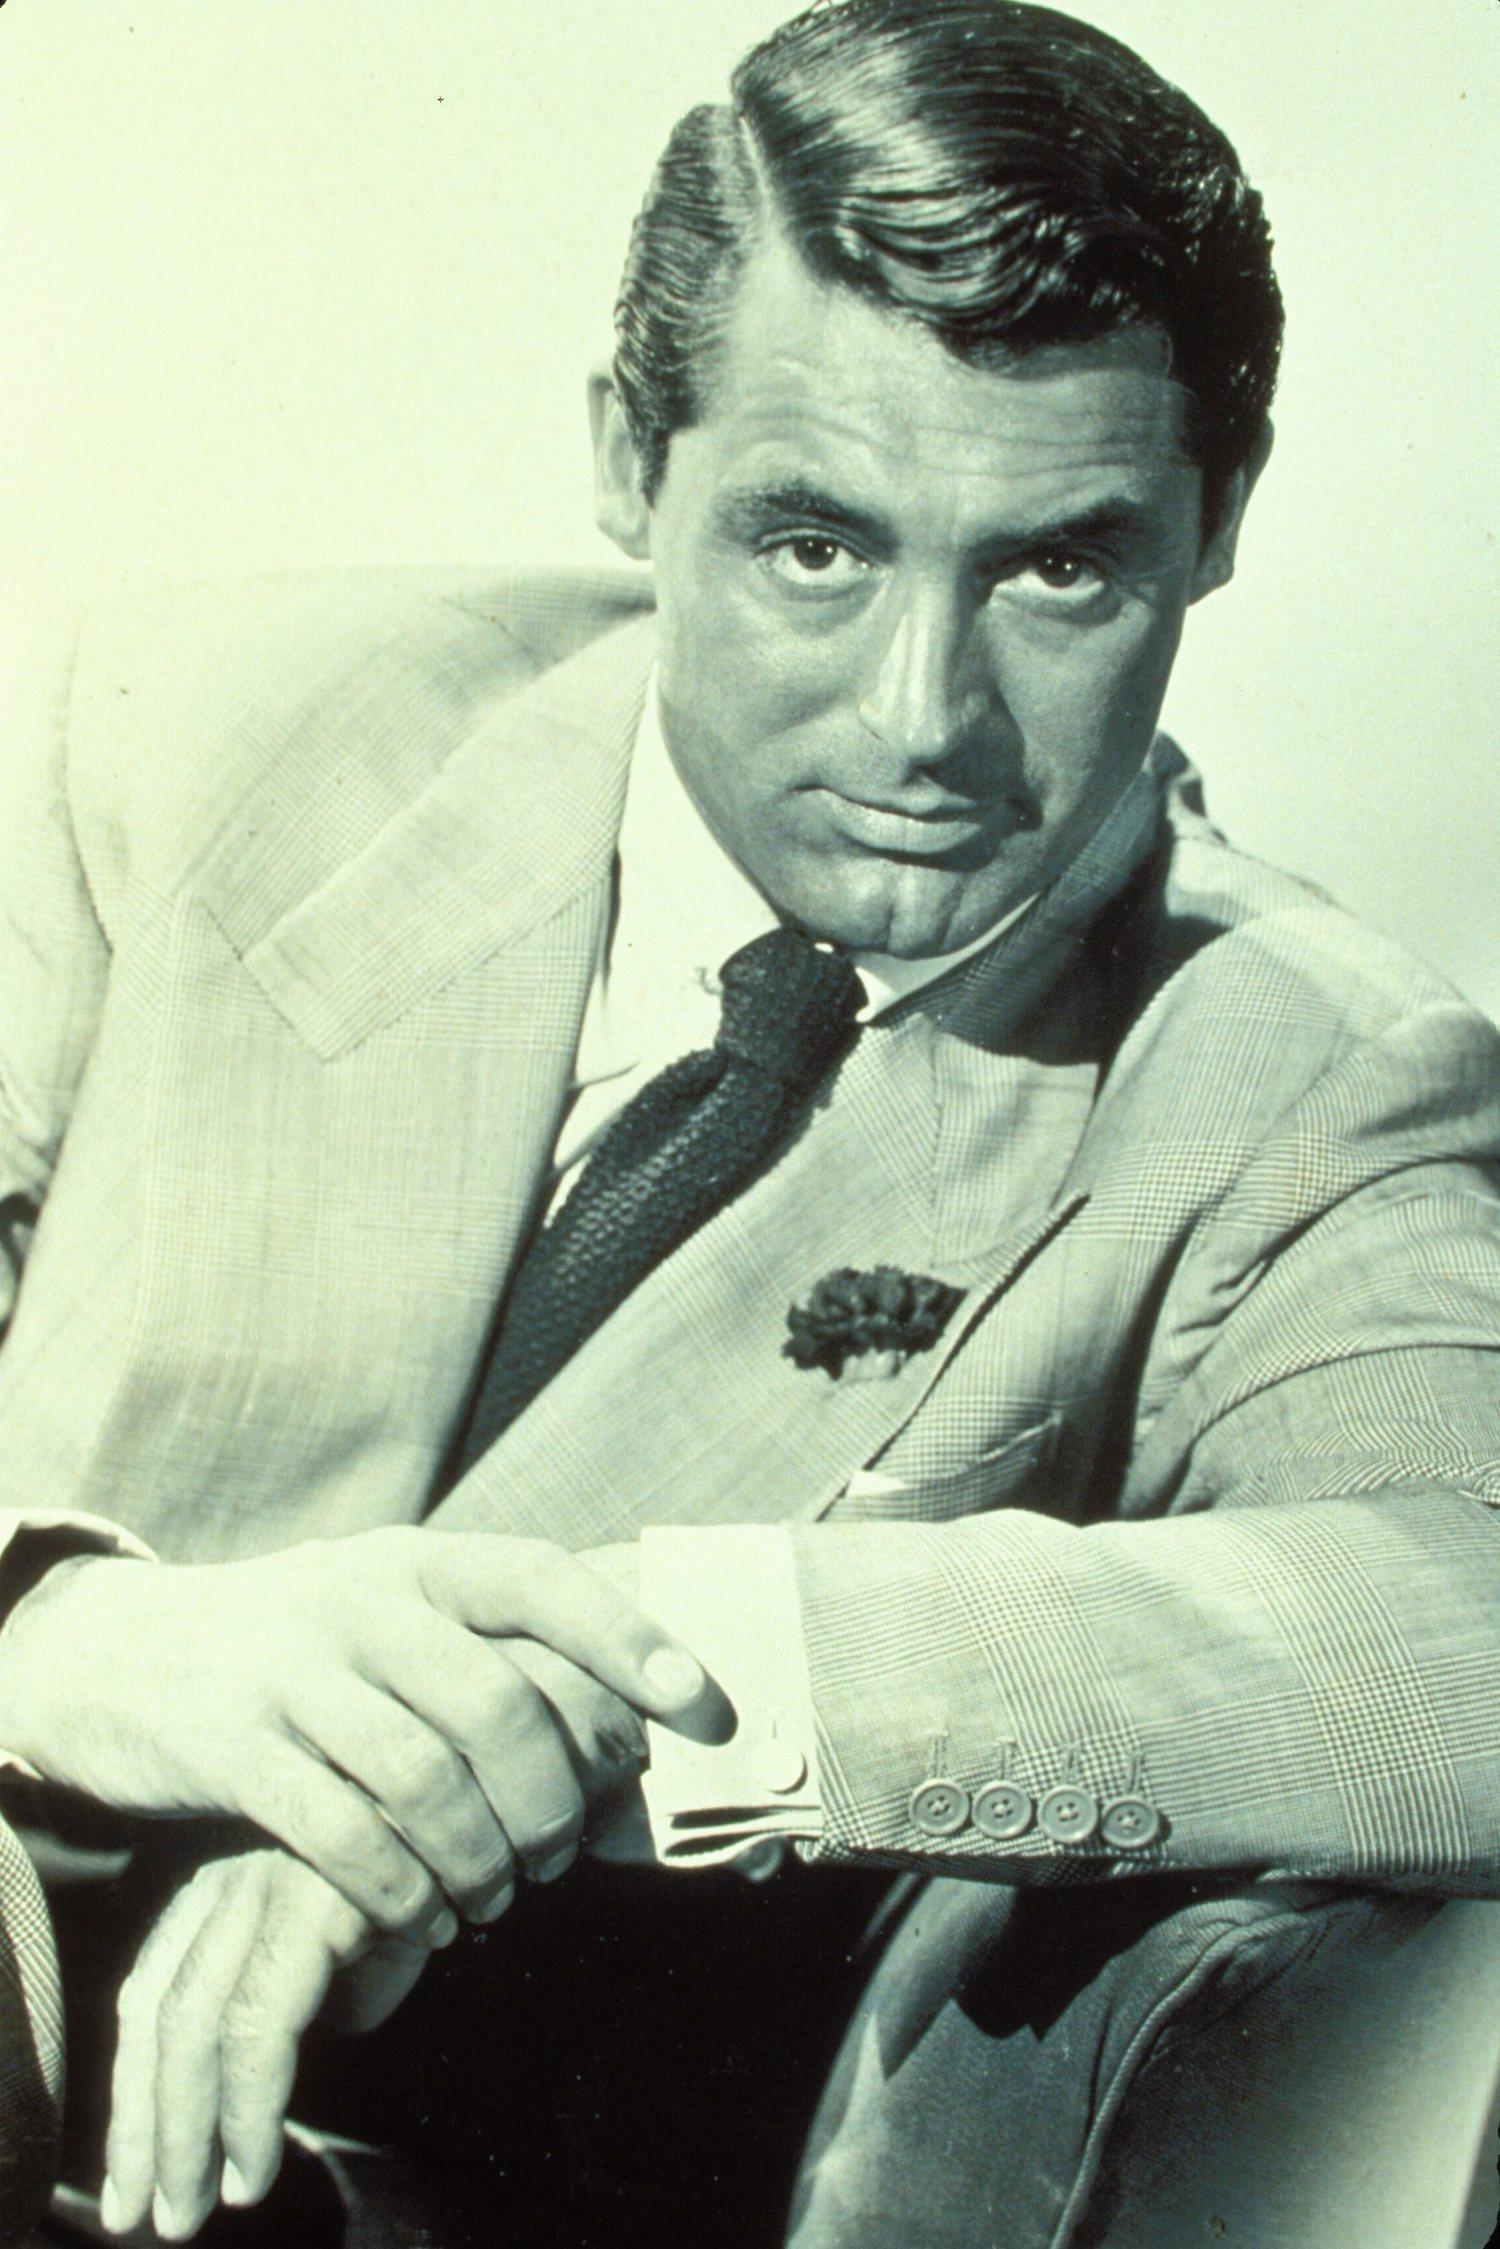 Cary Grant reconoció haberse imaginado como